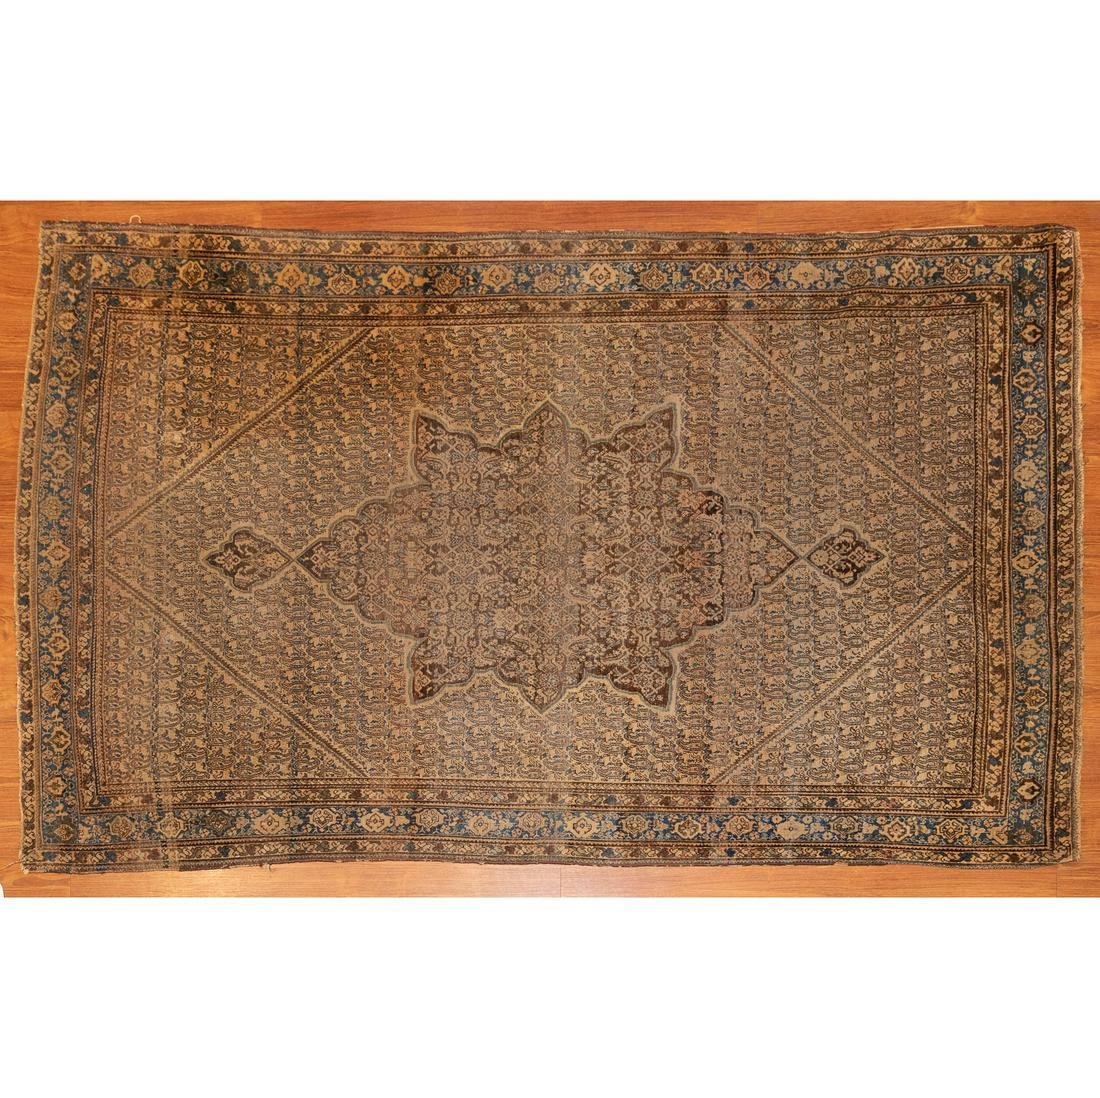 Antique Senneh Rug, Persia, 4.1 x 6.5